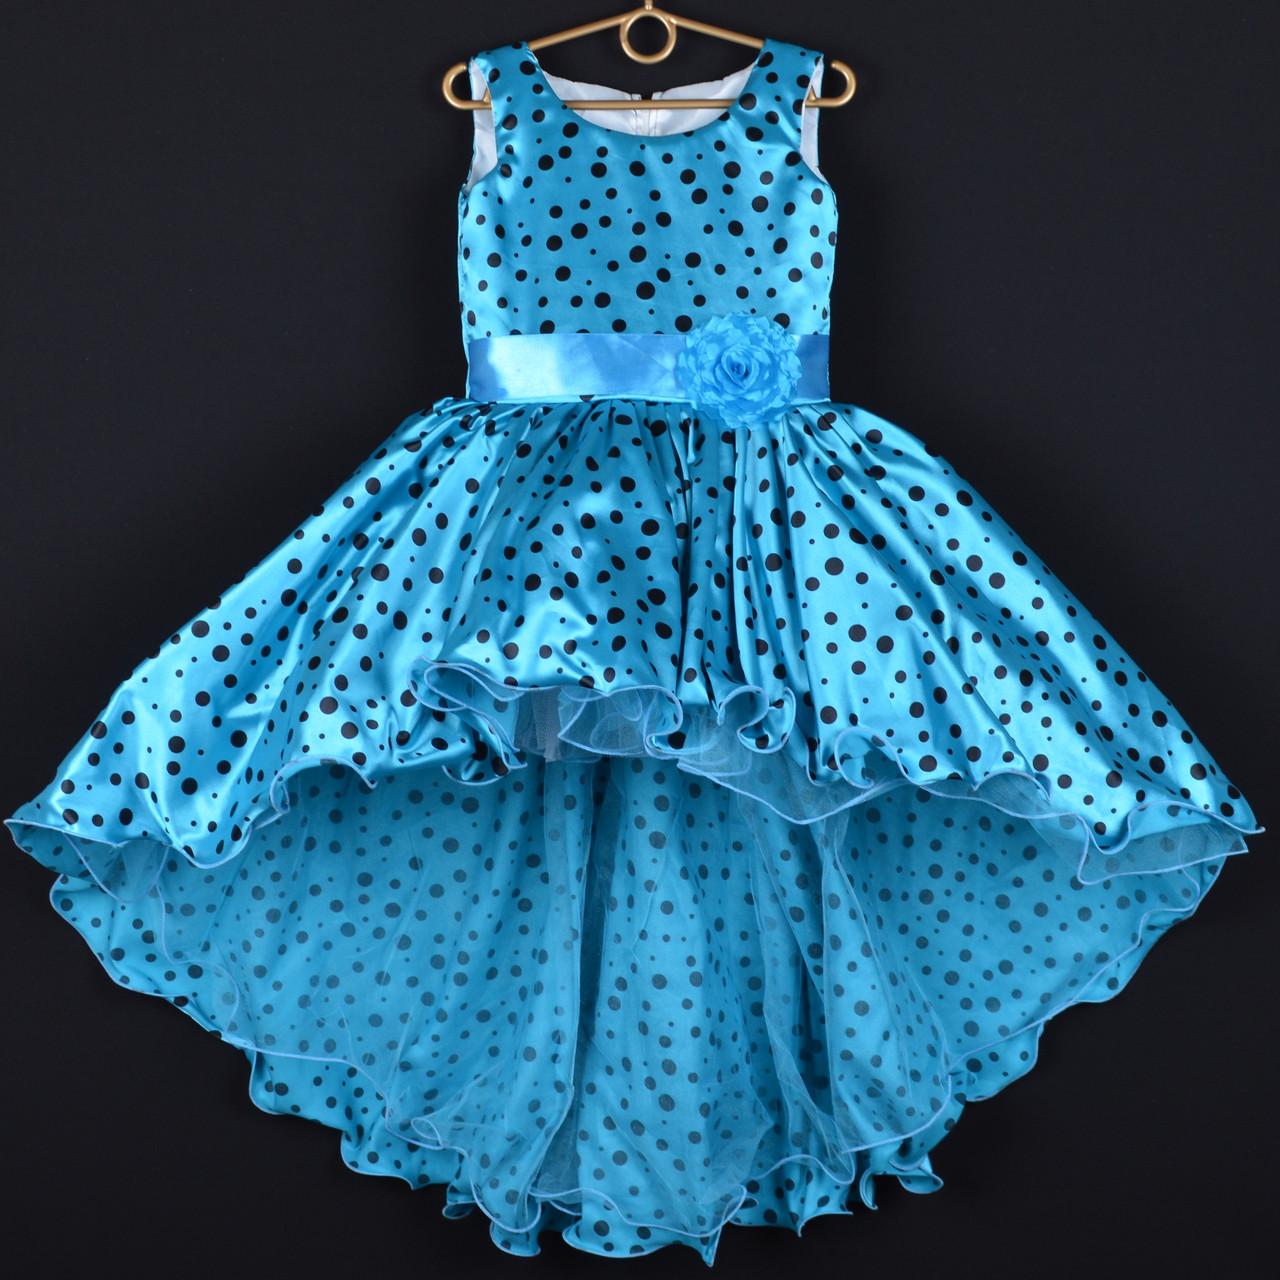 bd02dca41b2 Платье нарядное детское атласное